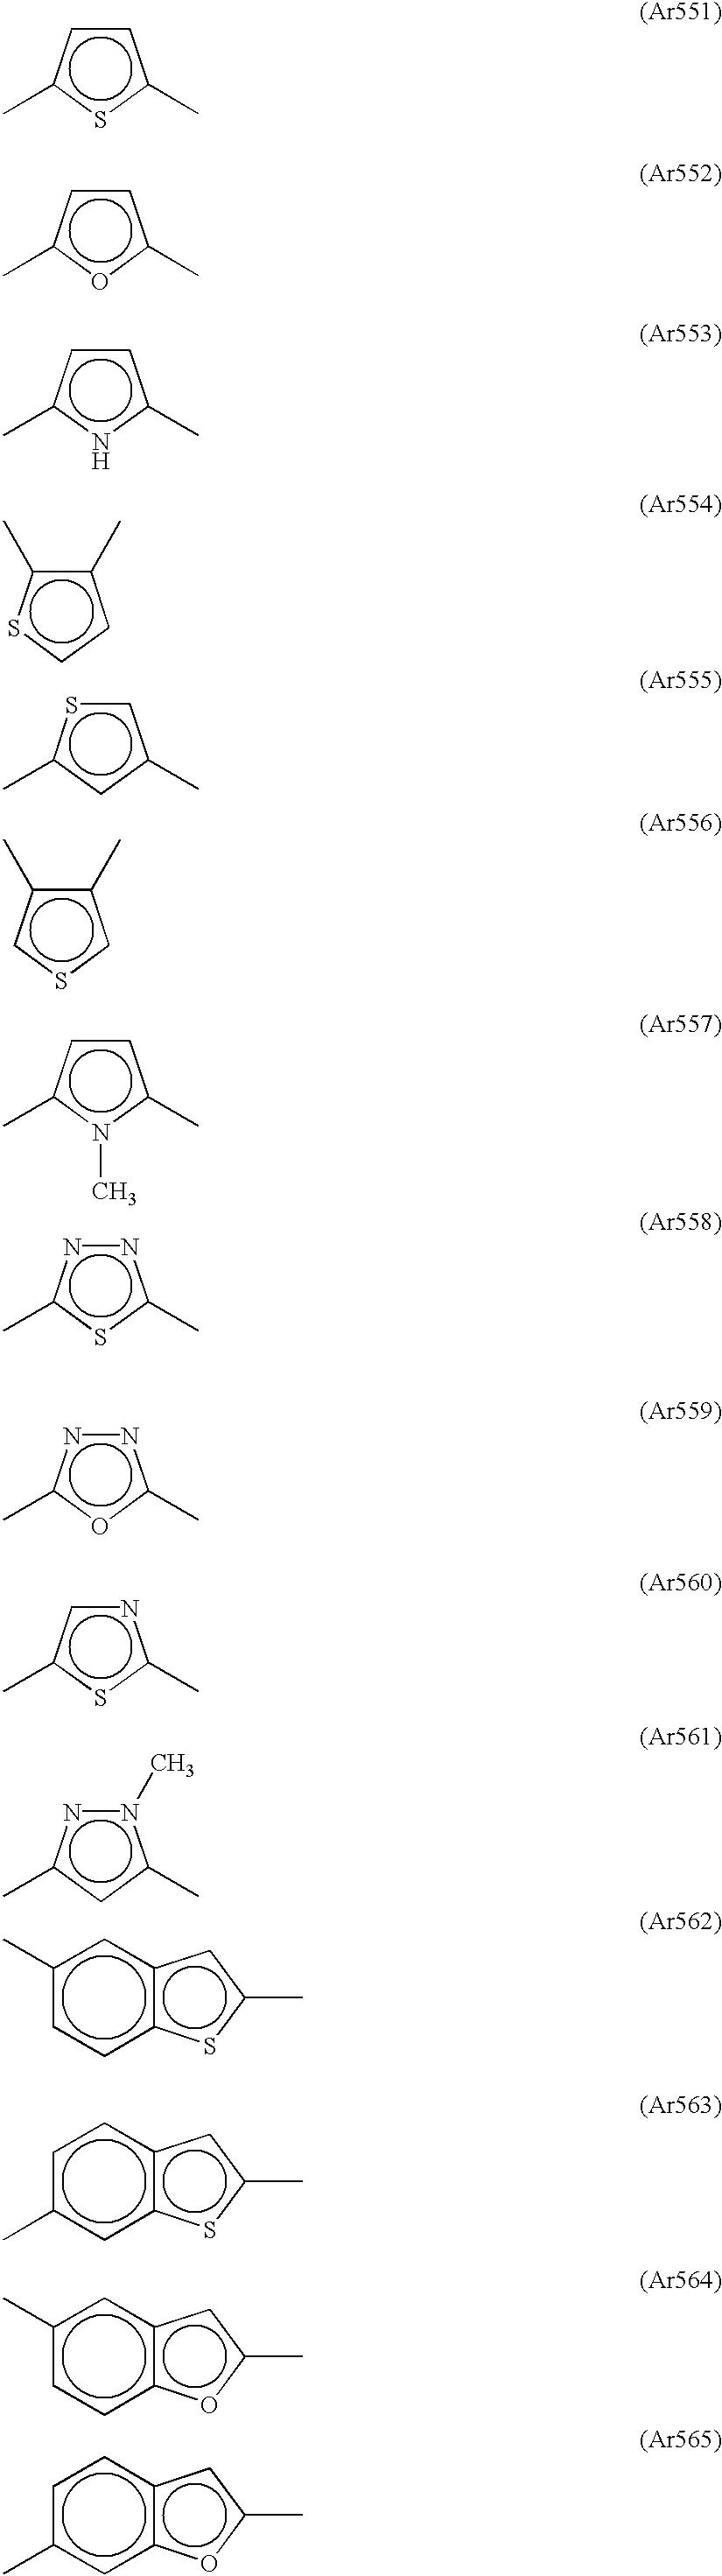 Figure US20030011725A1-20030116-C00004